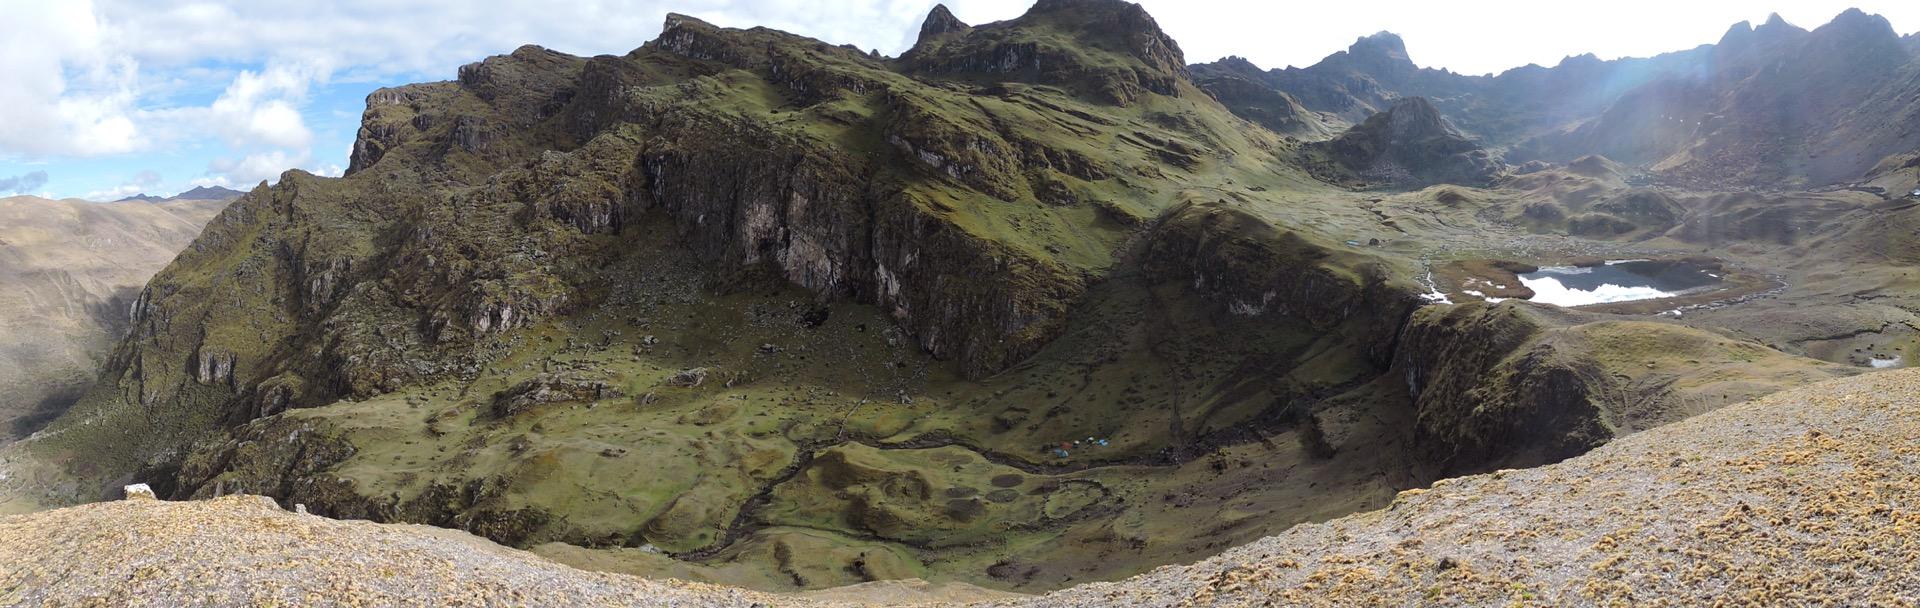 Mountains at Lares